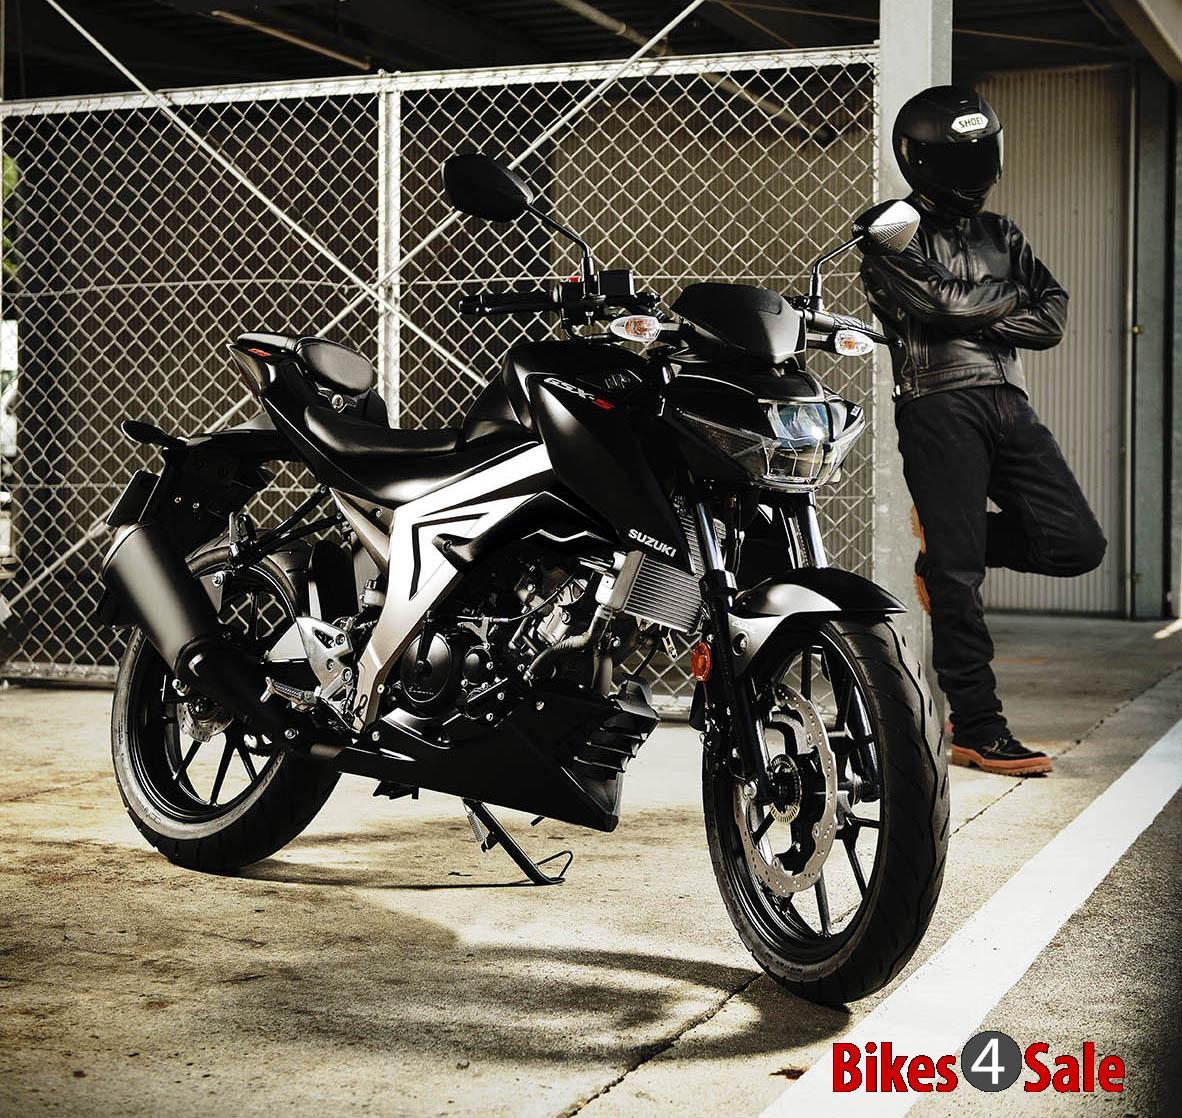 the suzuki gsx s125 sportsbike redefined bikes4sale. Black Bedroom Furniture Sets. Home Design Ideas